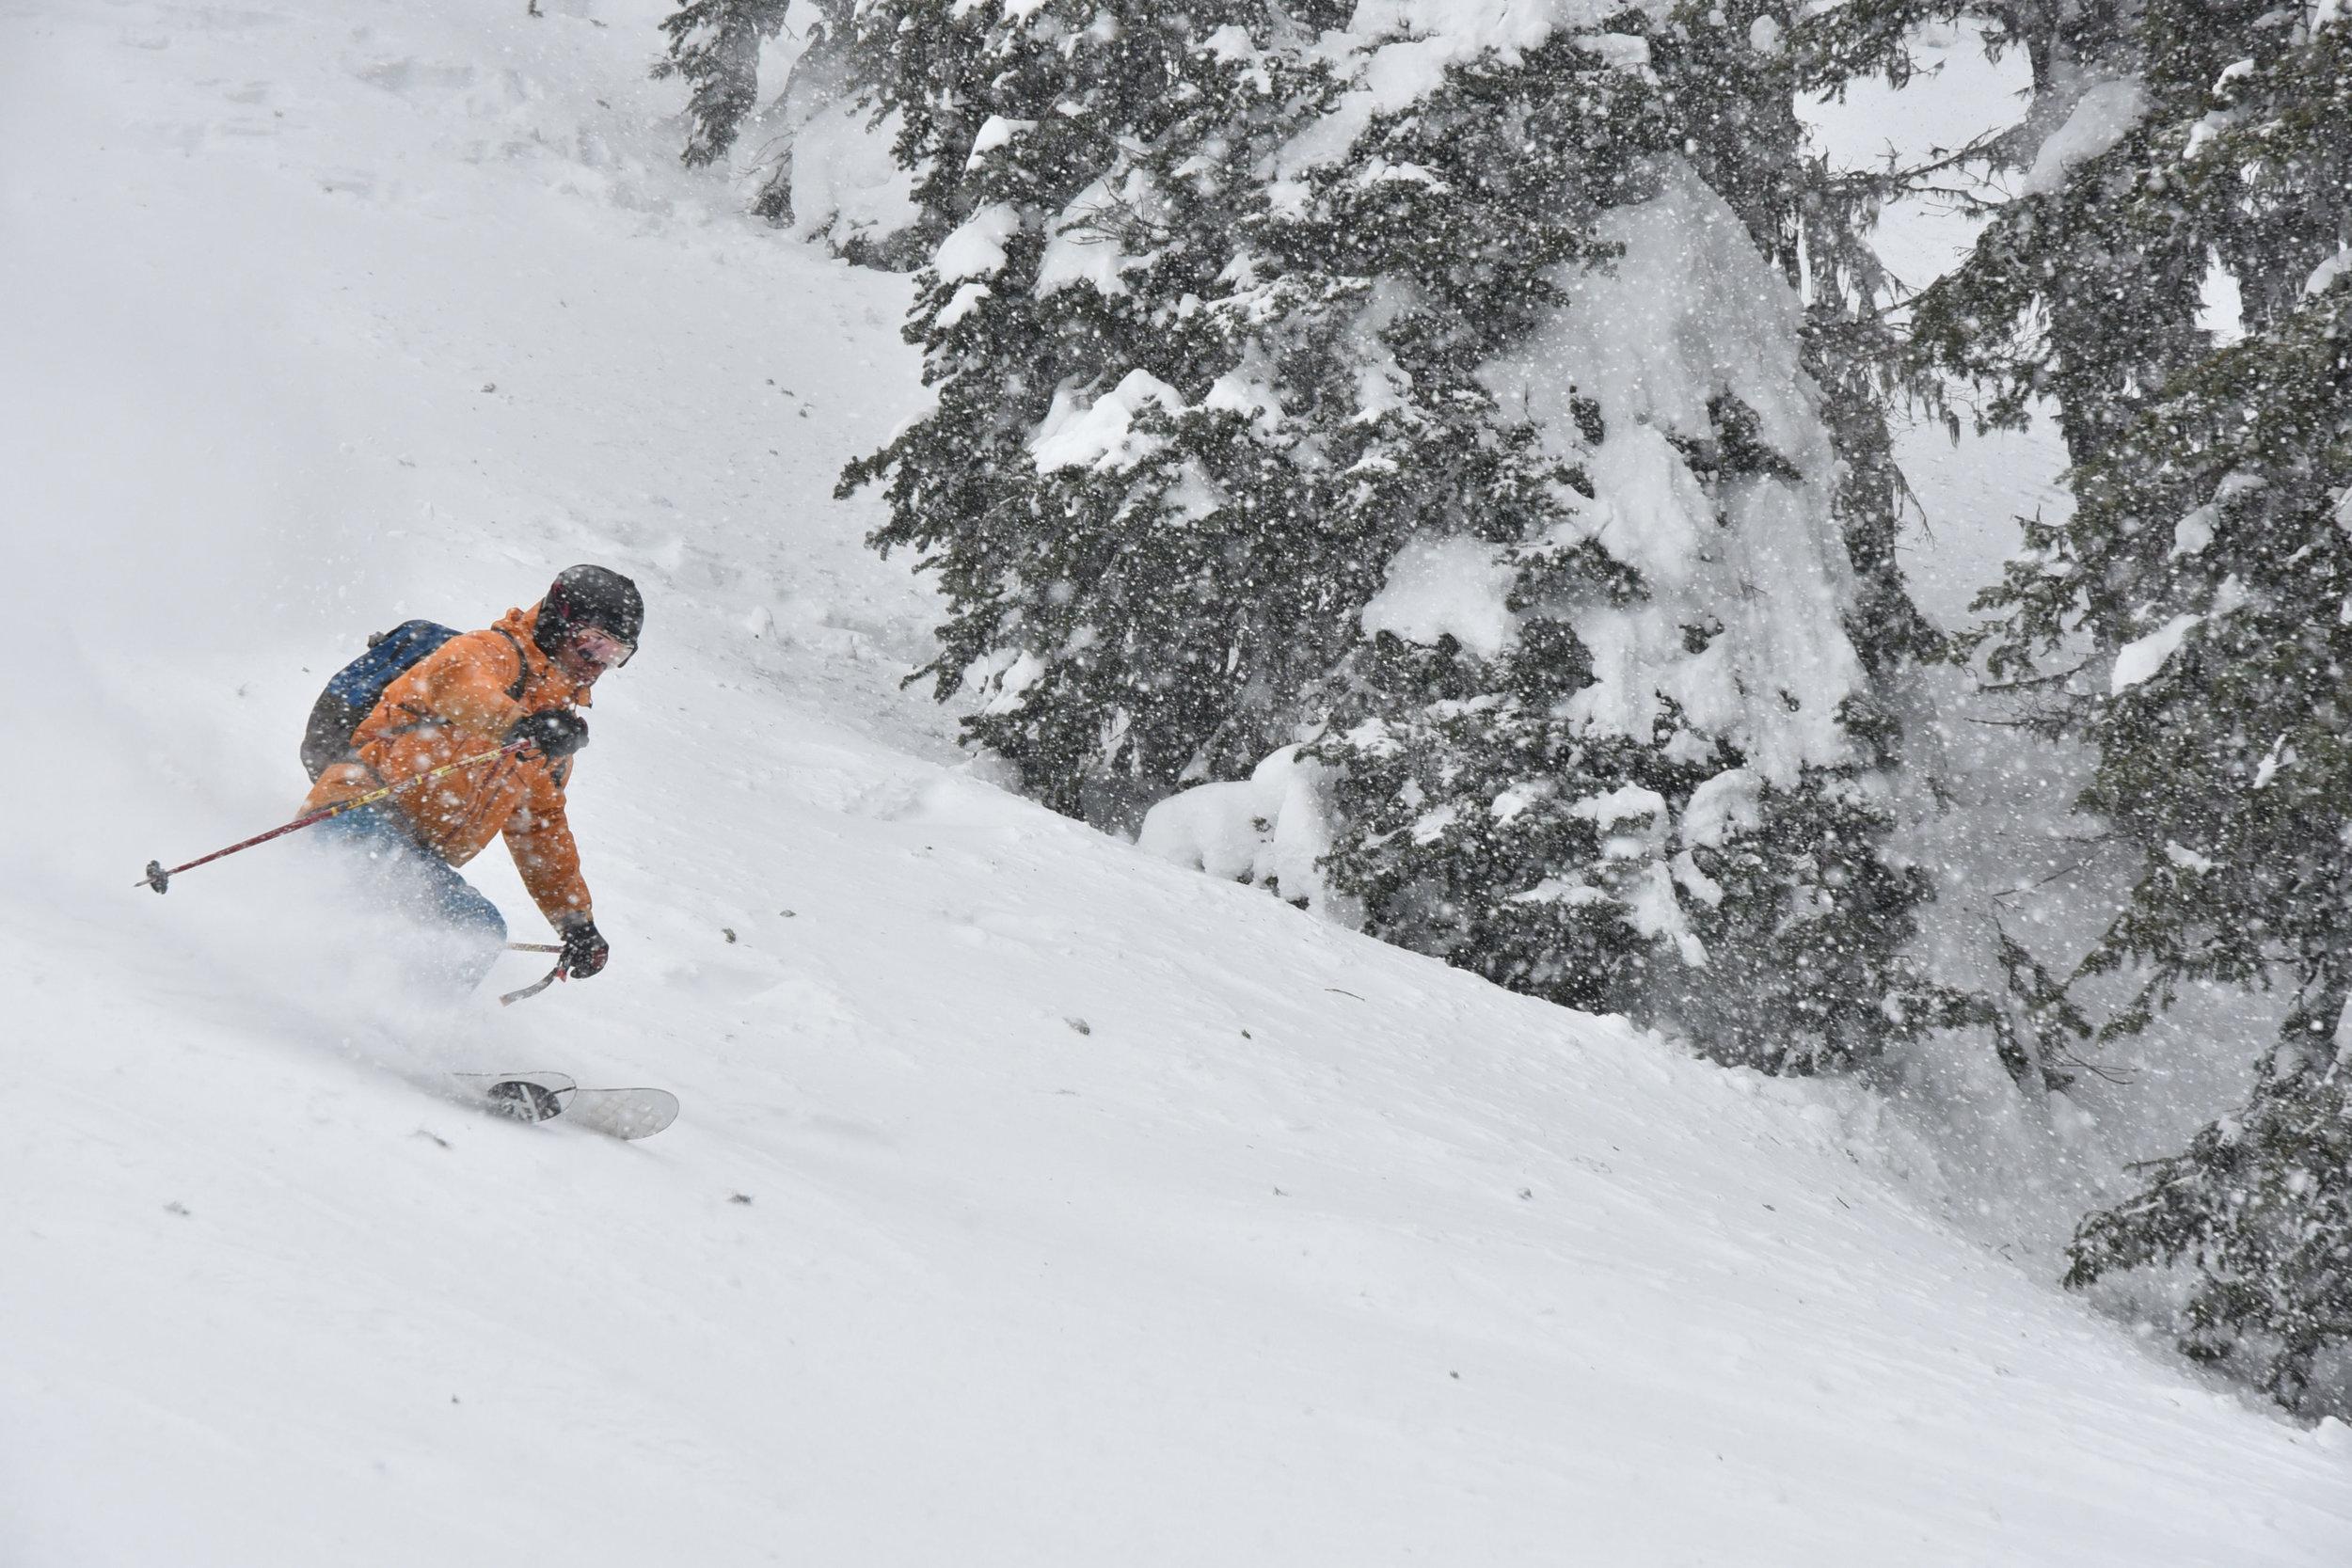 Copy of Alex Ross ski guide in Canada.